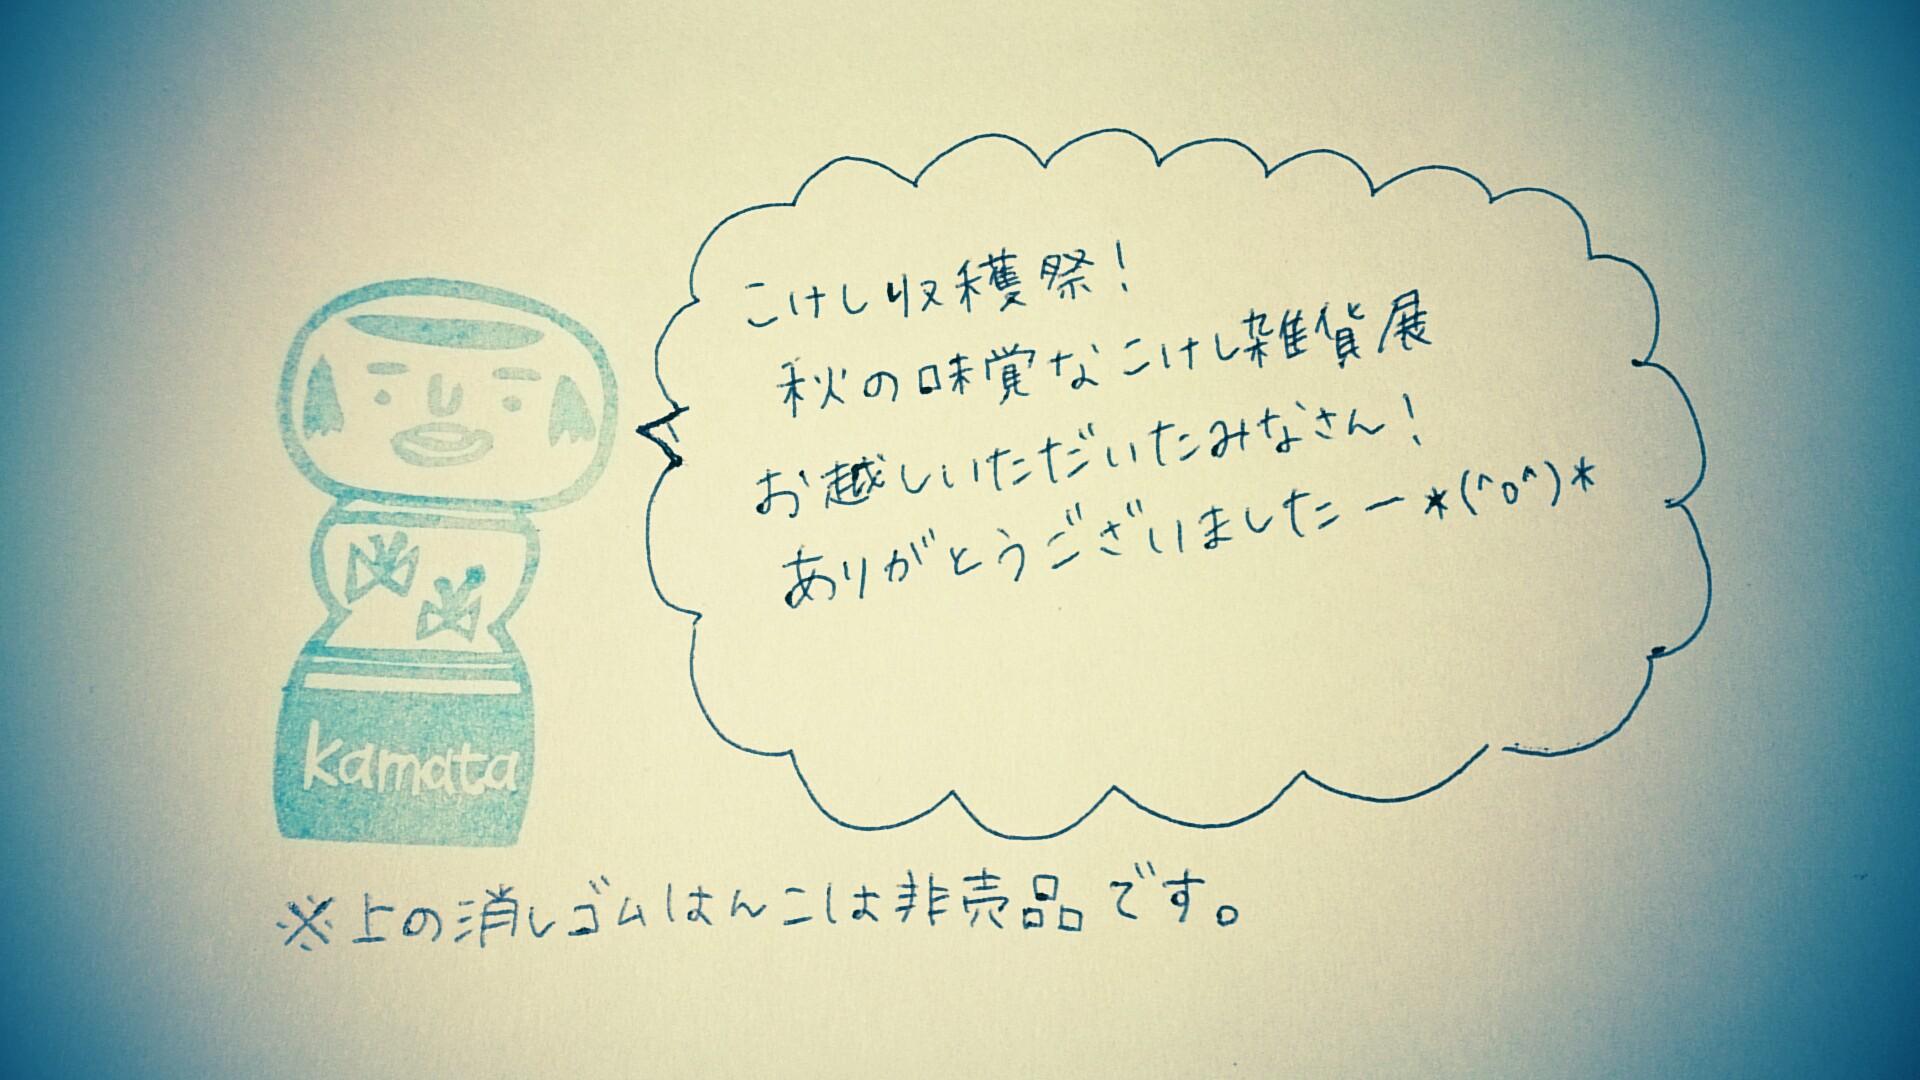 大人気消しゴムはんこ作家mizutamaさんグッズ通販開始!_e0318040_1650497.jpg